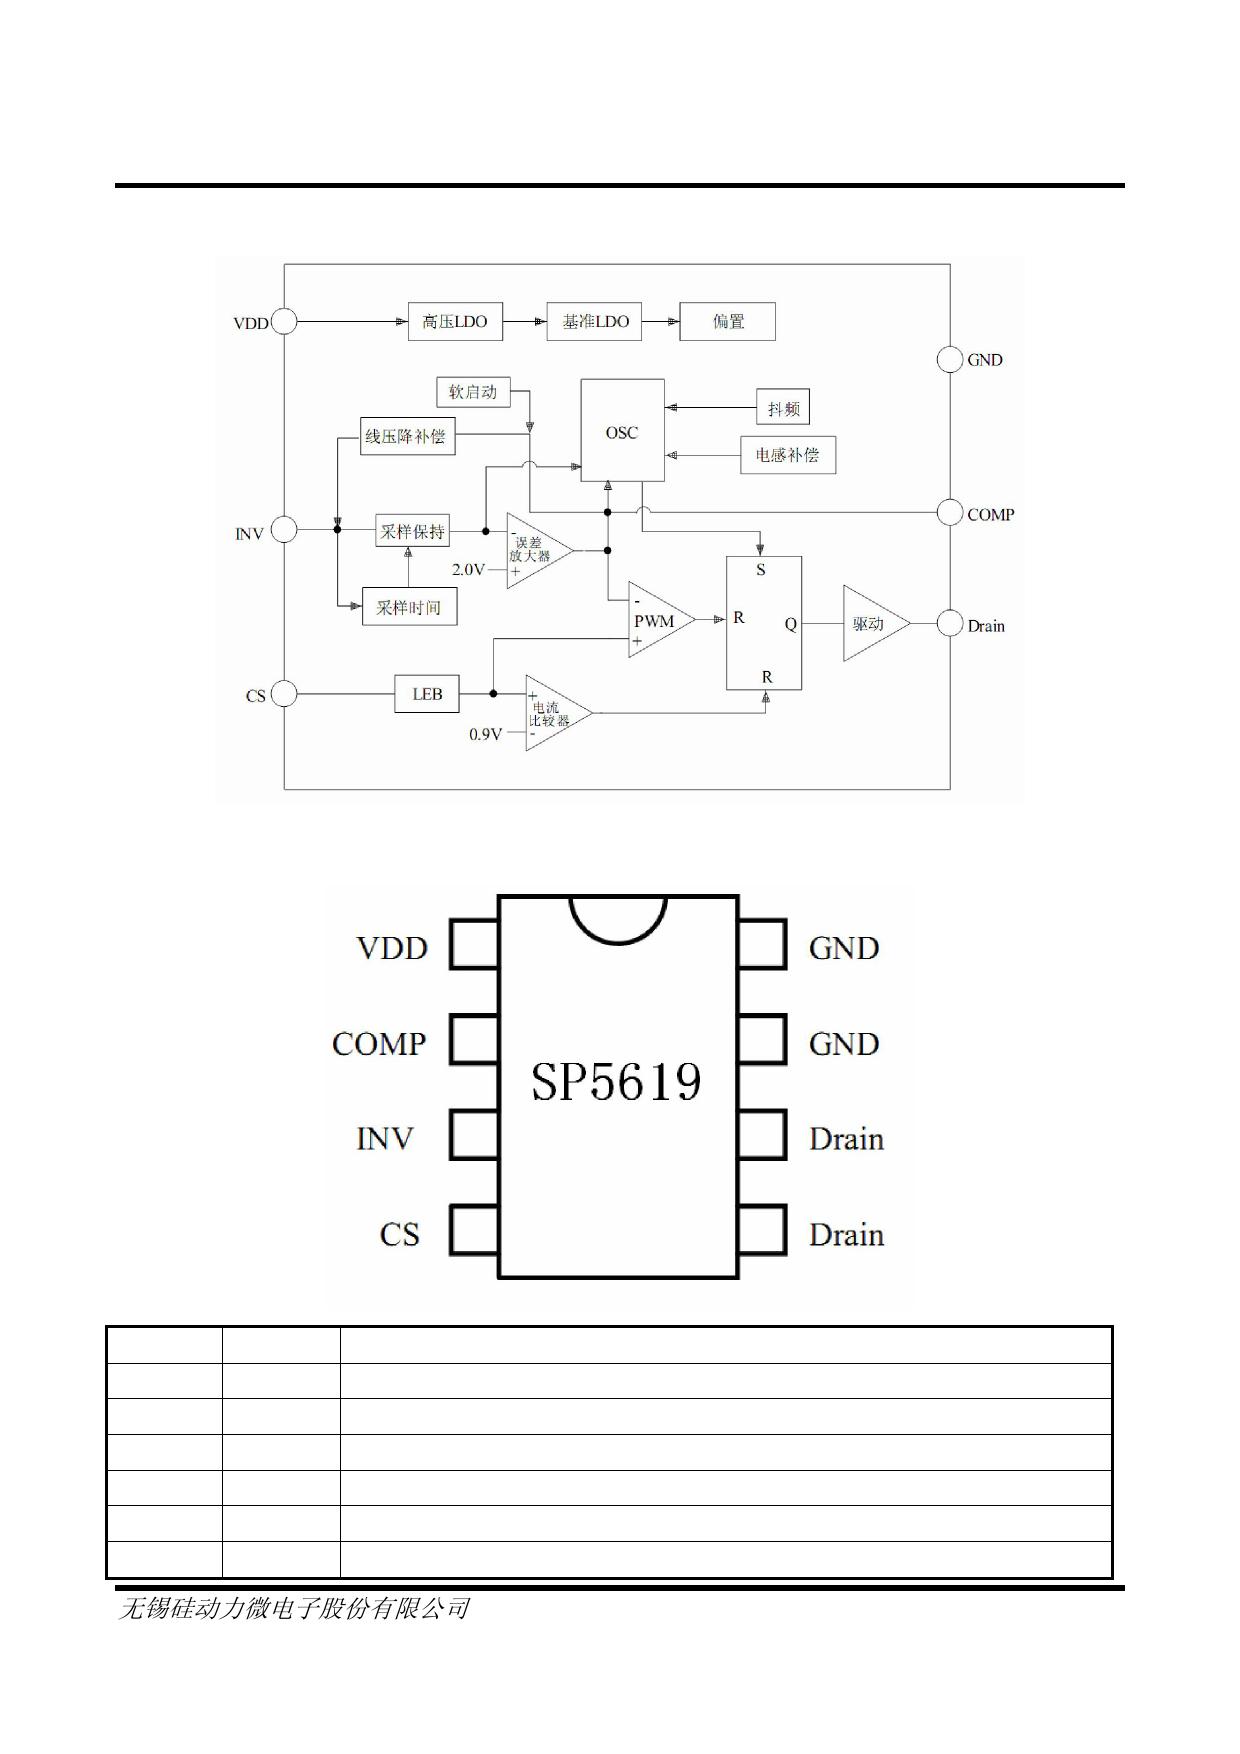 SP5619 pdf, 반도체, 판매, 대치품